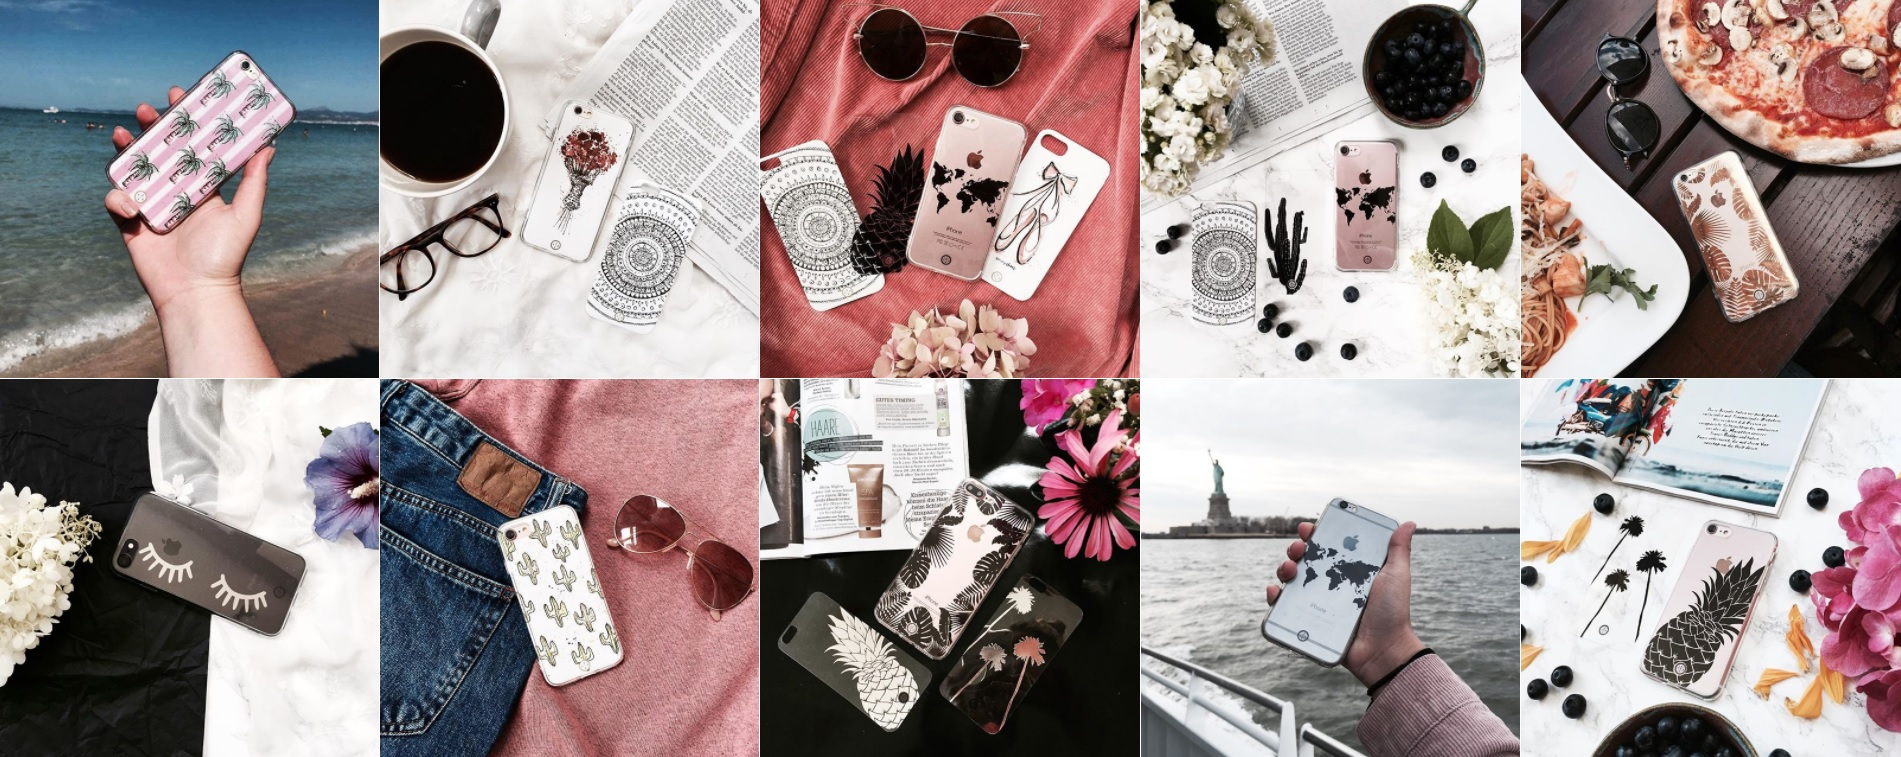 Funcases-Handyh-llen-Instagram-Feed